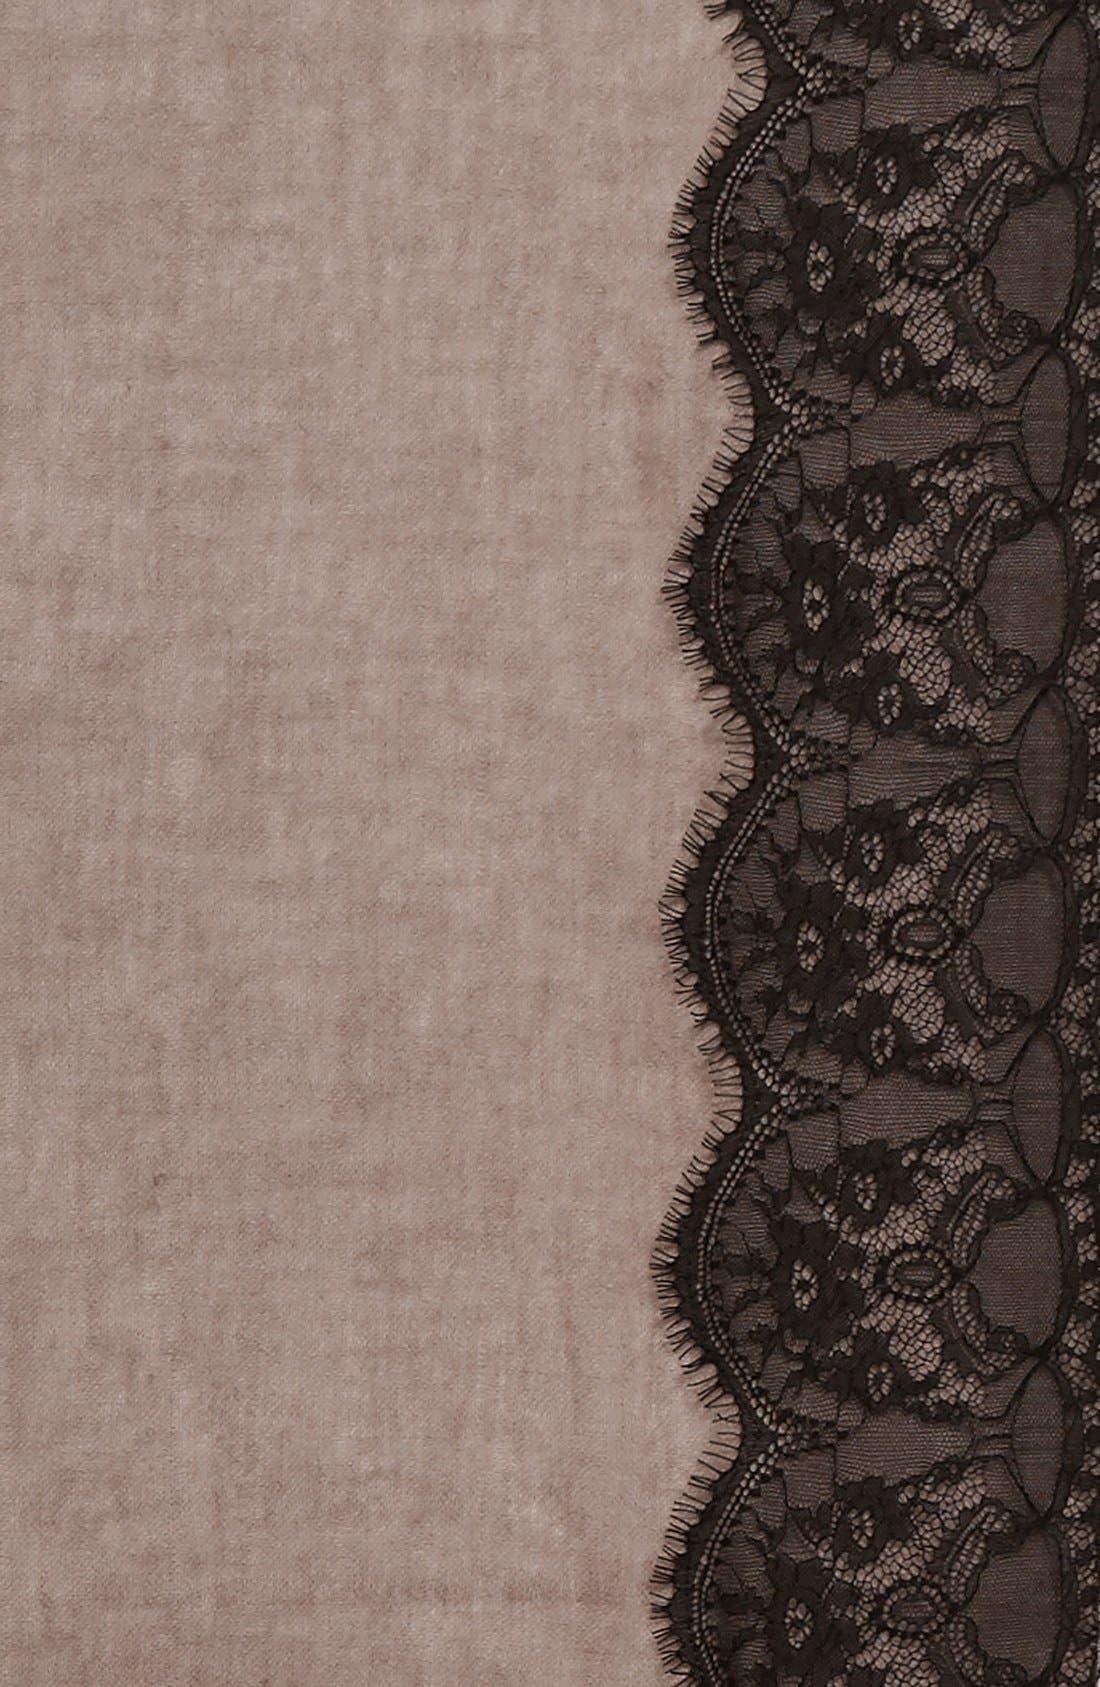 Lace Trim Wrap,                             Alternate thumbnail 12, color,